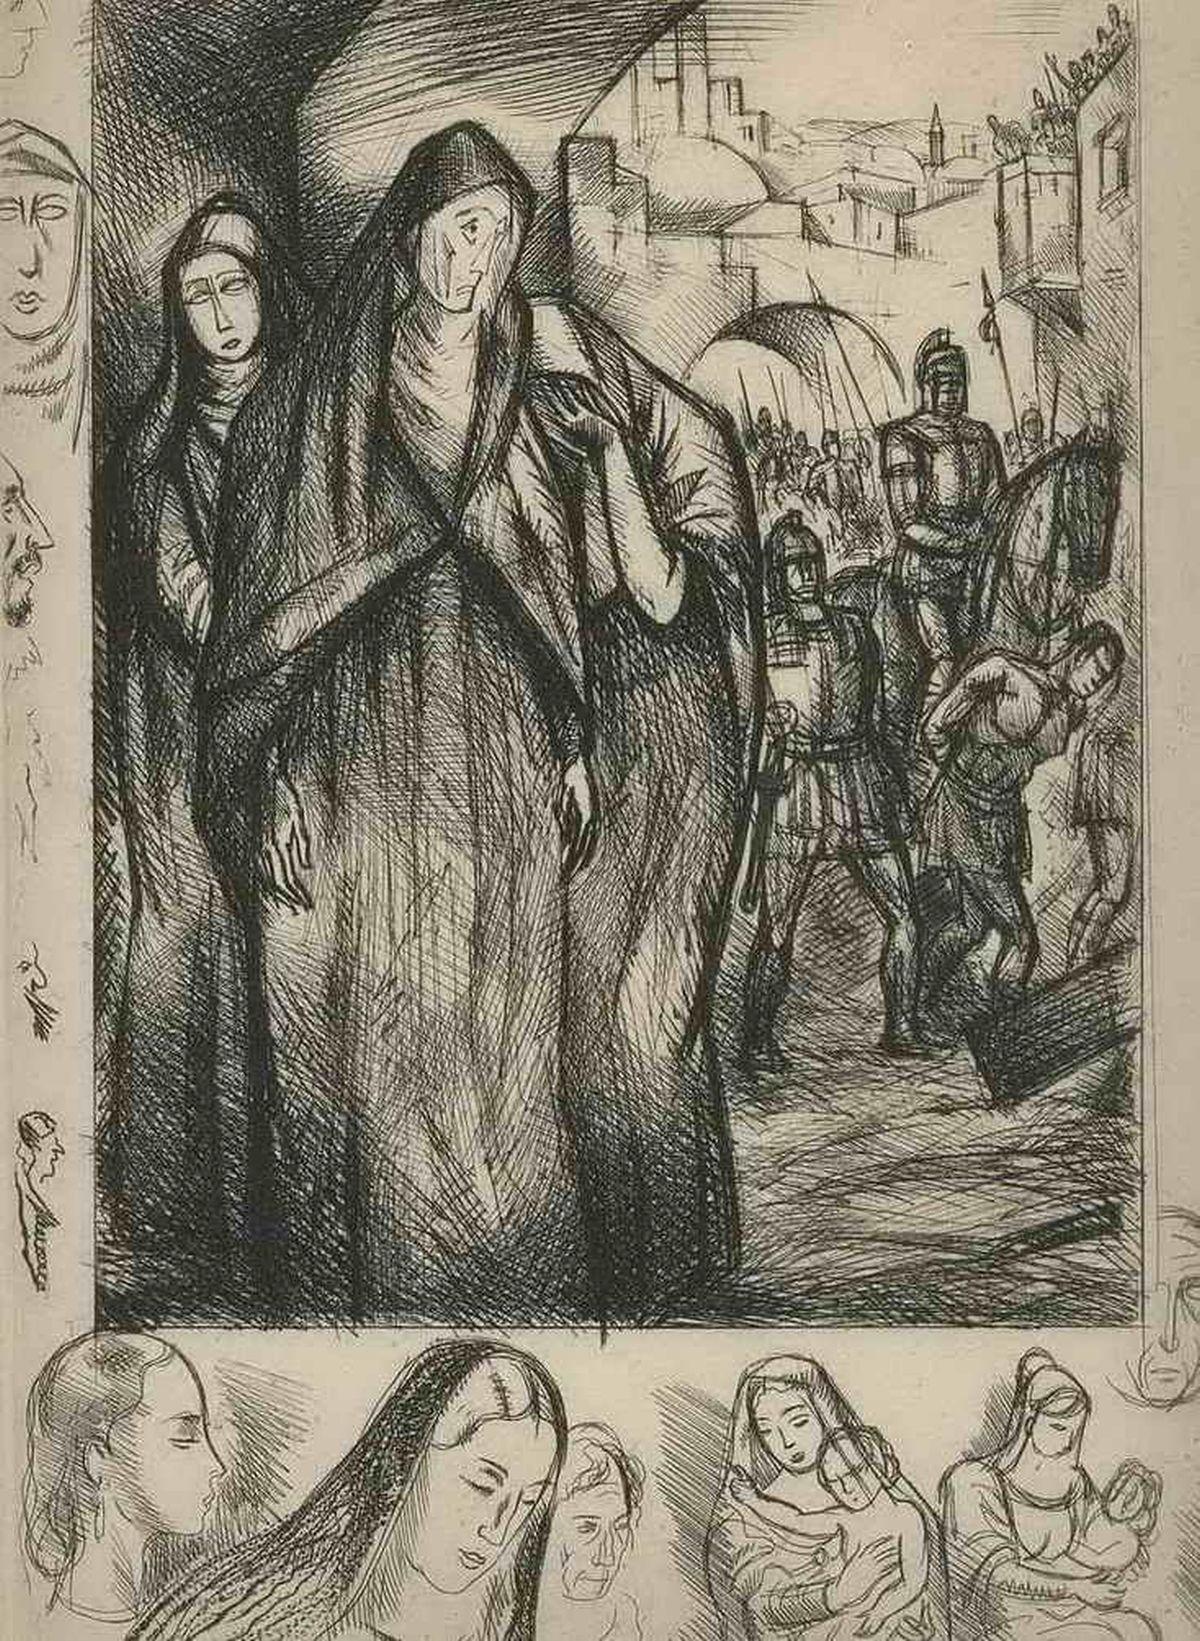 Andrè Collot - Eindrucksvolles Kreuzweg Portrait des JESUS von NAZARETH - OriginalRadierung mit REMARQUE - 1948 kopen? Bied vanaf 36!